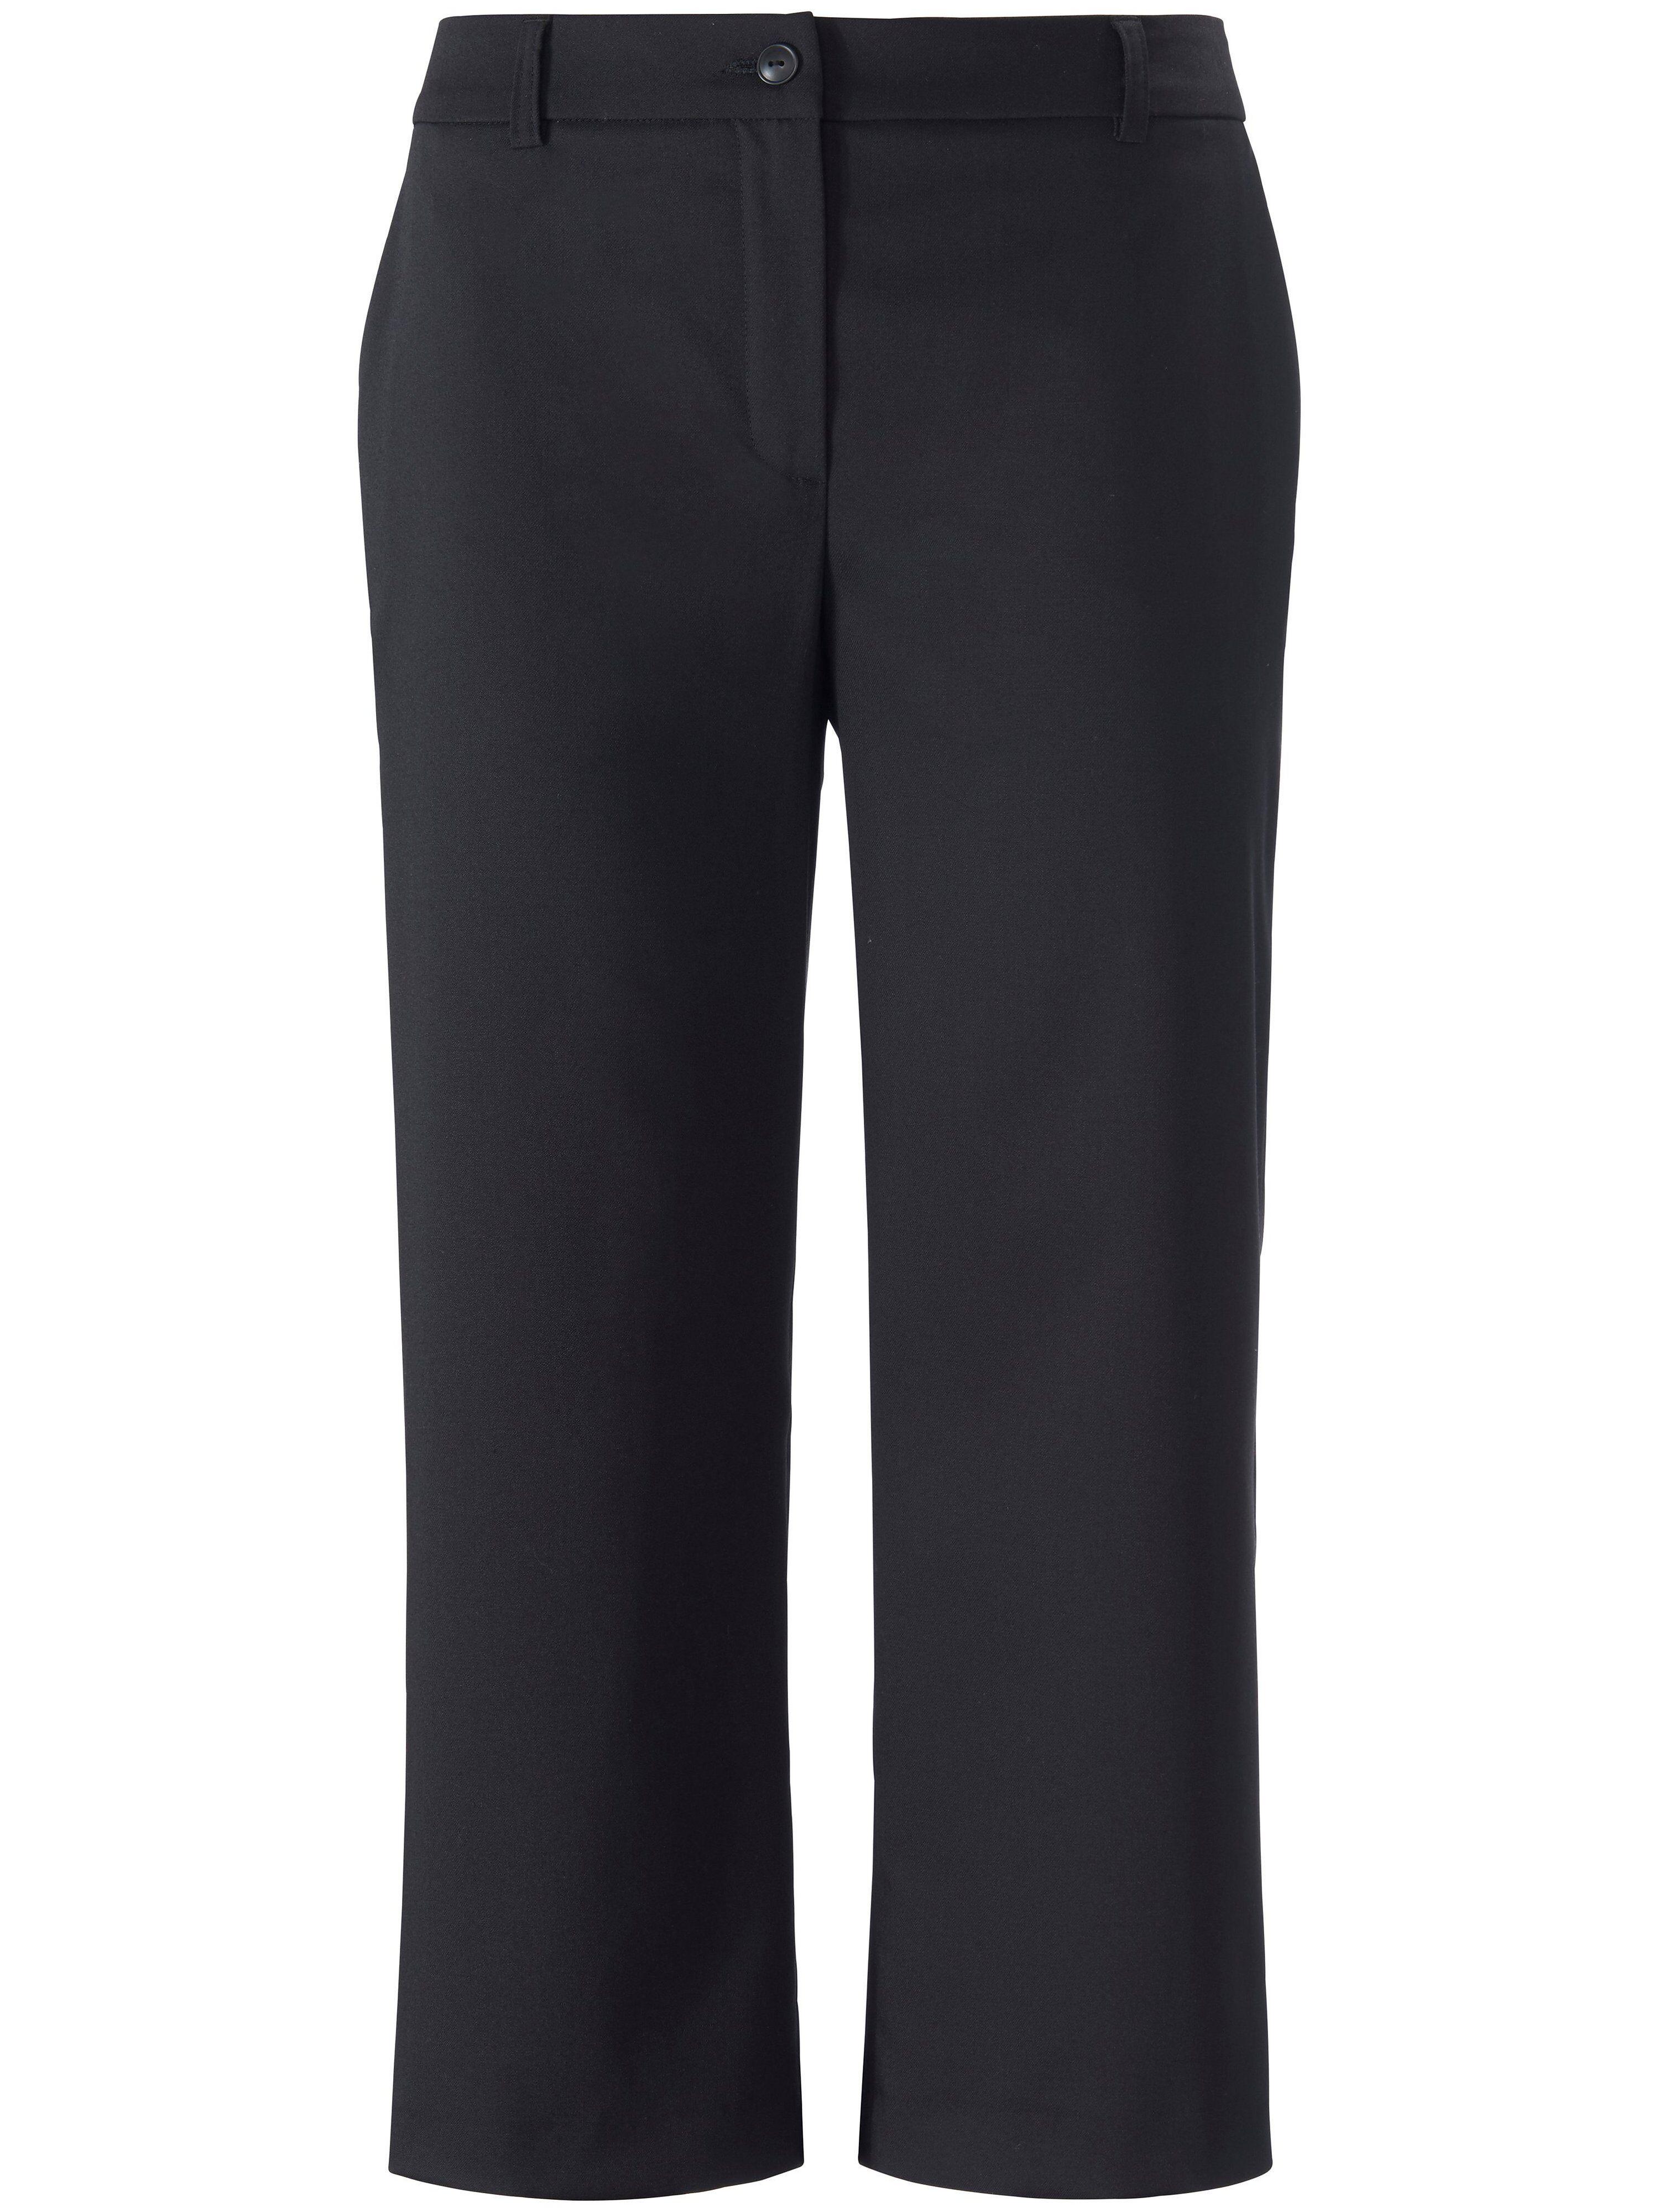 Uta Raasch La jupe-culotte ligne féminine coupée  Uta Raasch noir  - Femme - 40